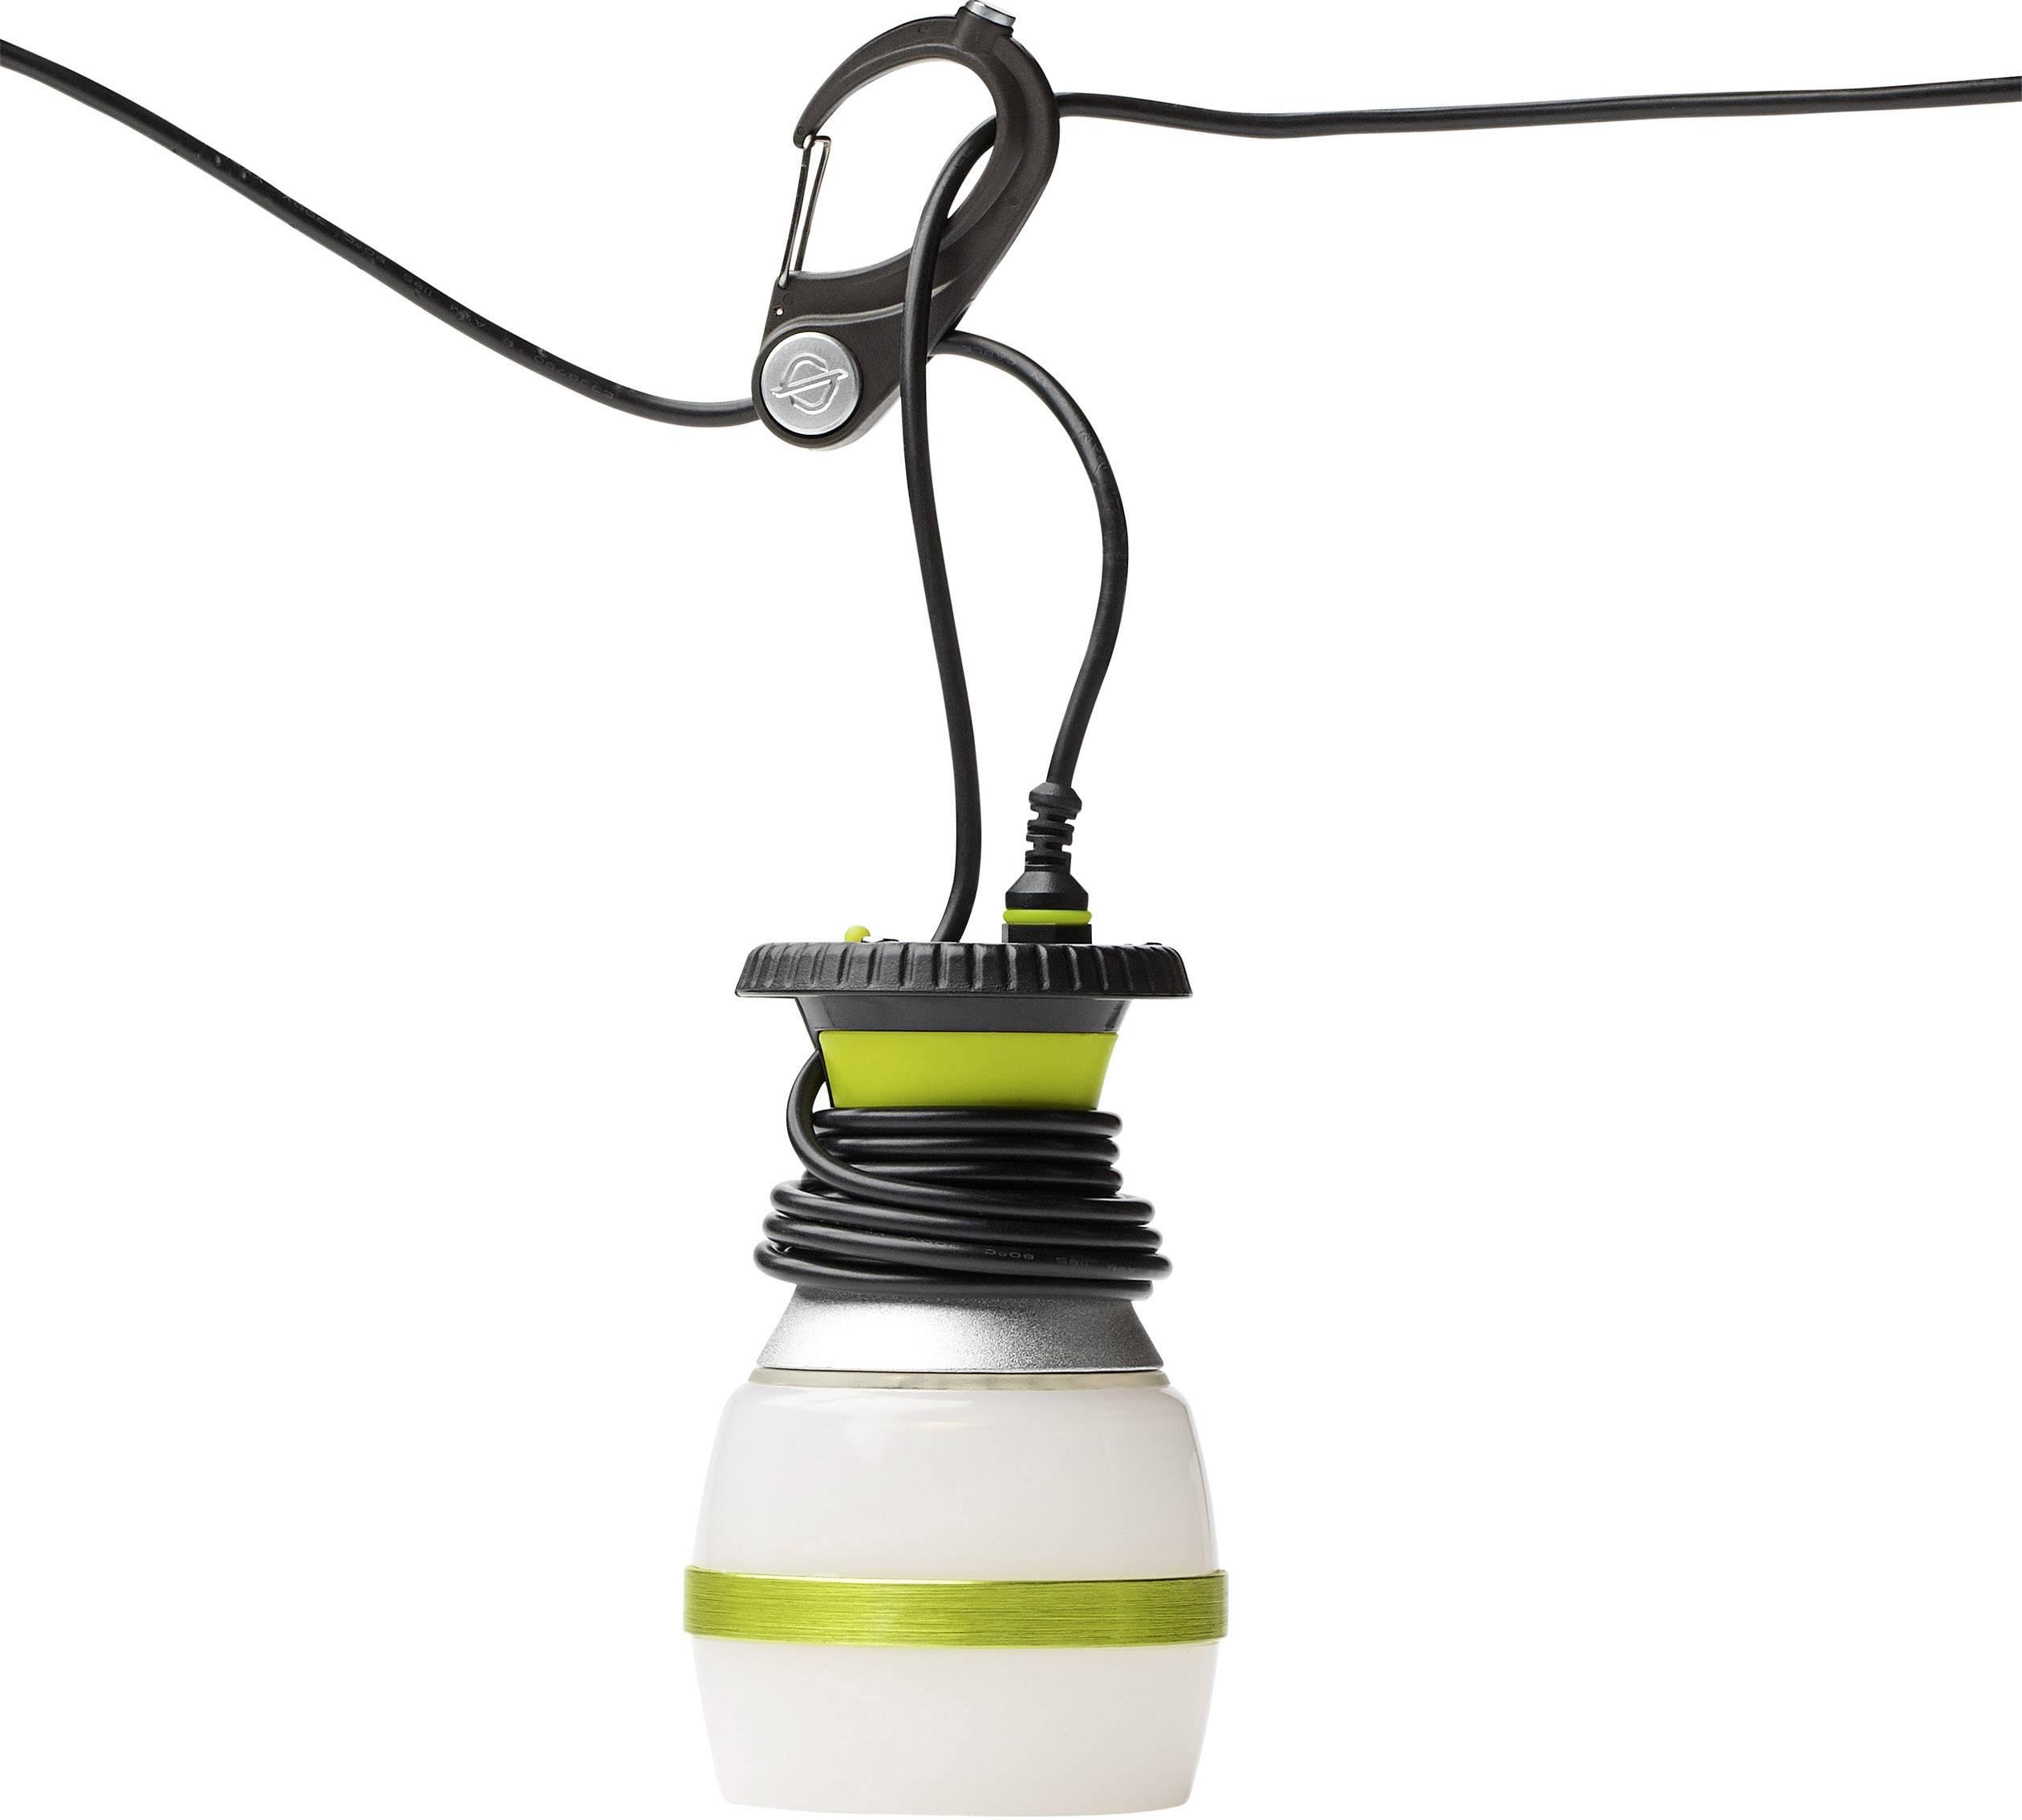 LED campingové osvětlení Goal Zero Light-a-life 350 24004, 264 g, černá, zelená